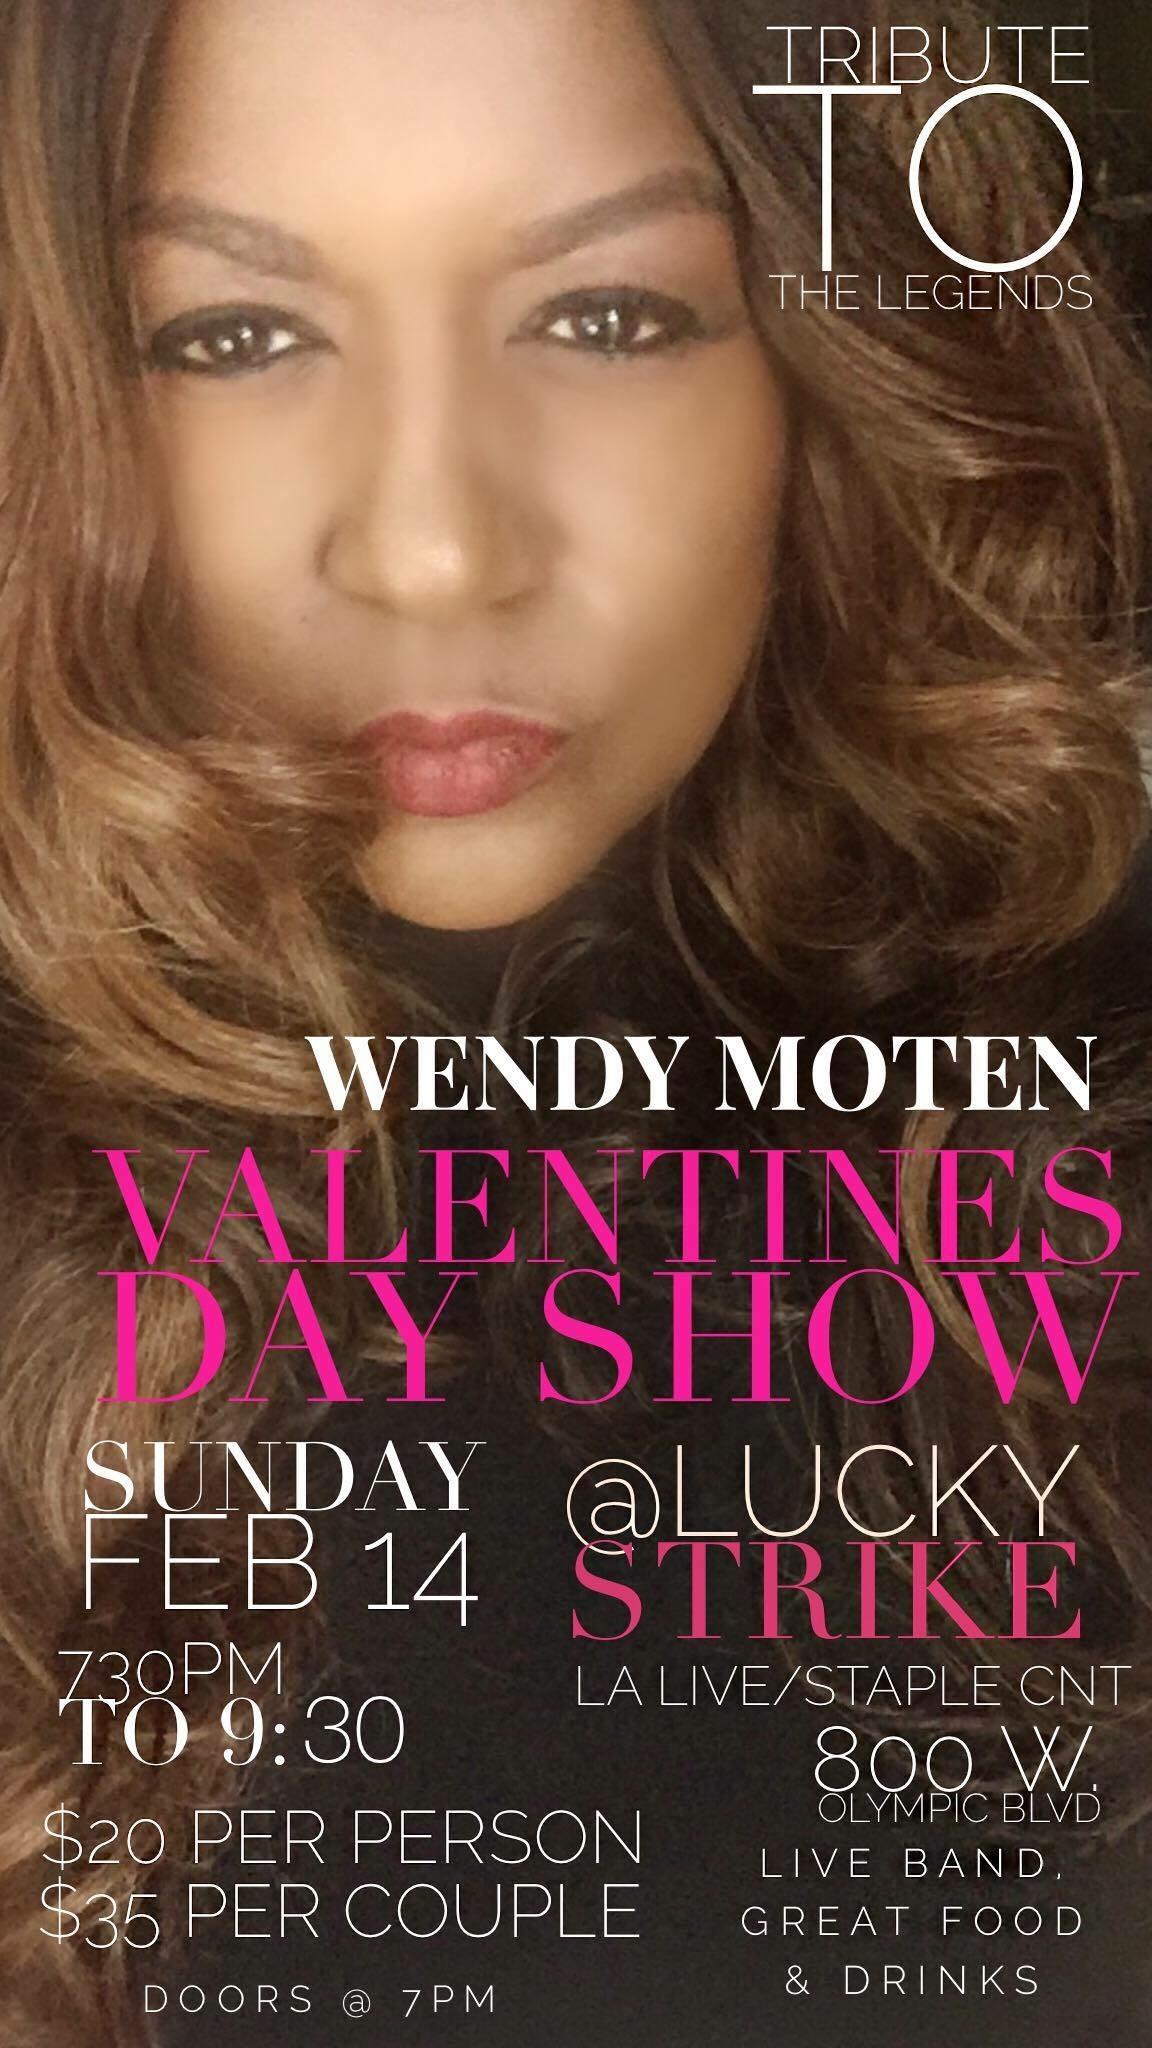 Wendy Moten Valentine's Day Show